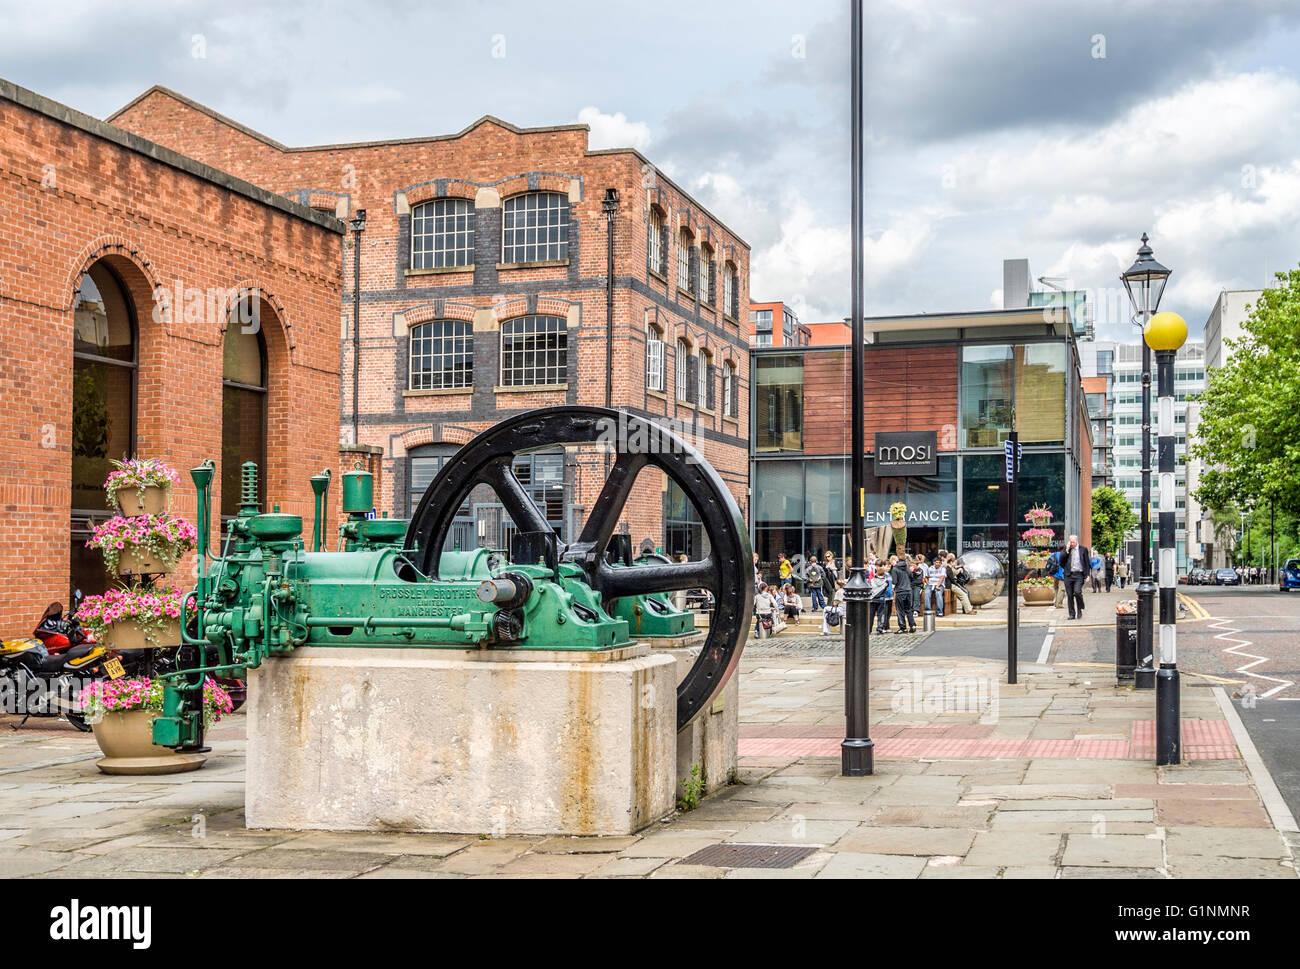 El Museo de Ciencia e Industria de Manchester (MOSI), en Manchester, Inglaterra, Reino Unido. Imagen De Stock